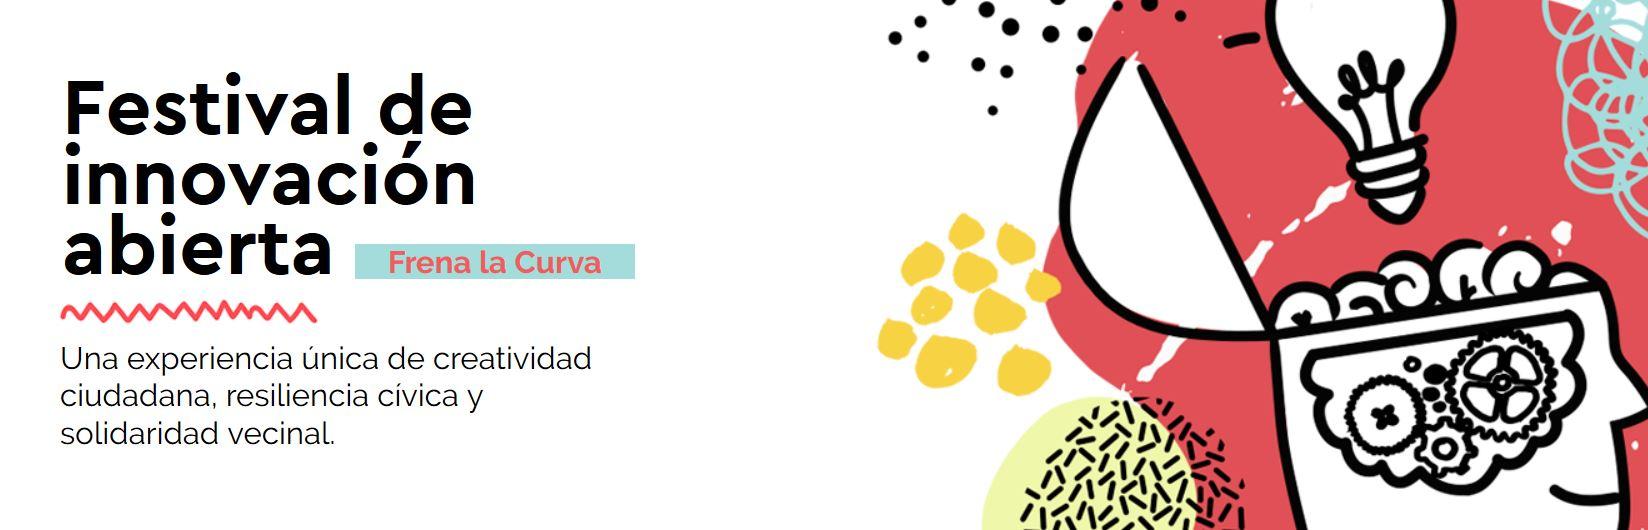 Imagen de la noticia Culmina la Fase 3 de Desafíos Comunes que dará pie al Festival de innovación abierta Frena la Curva